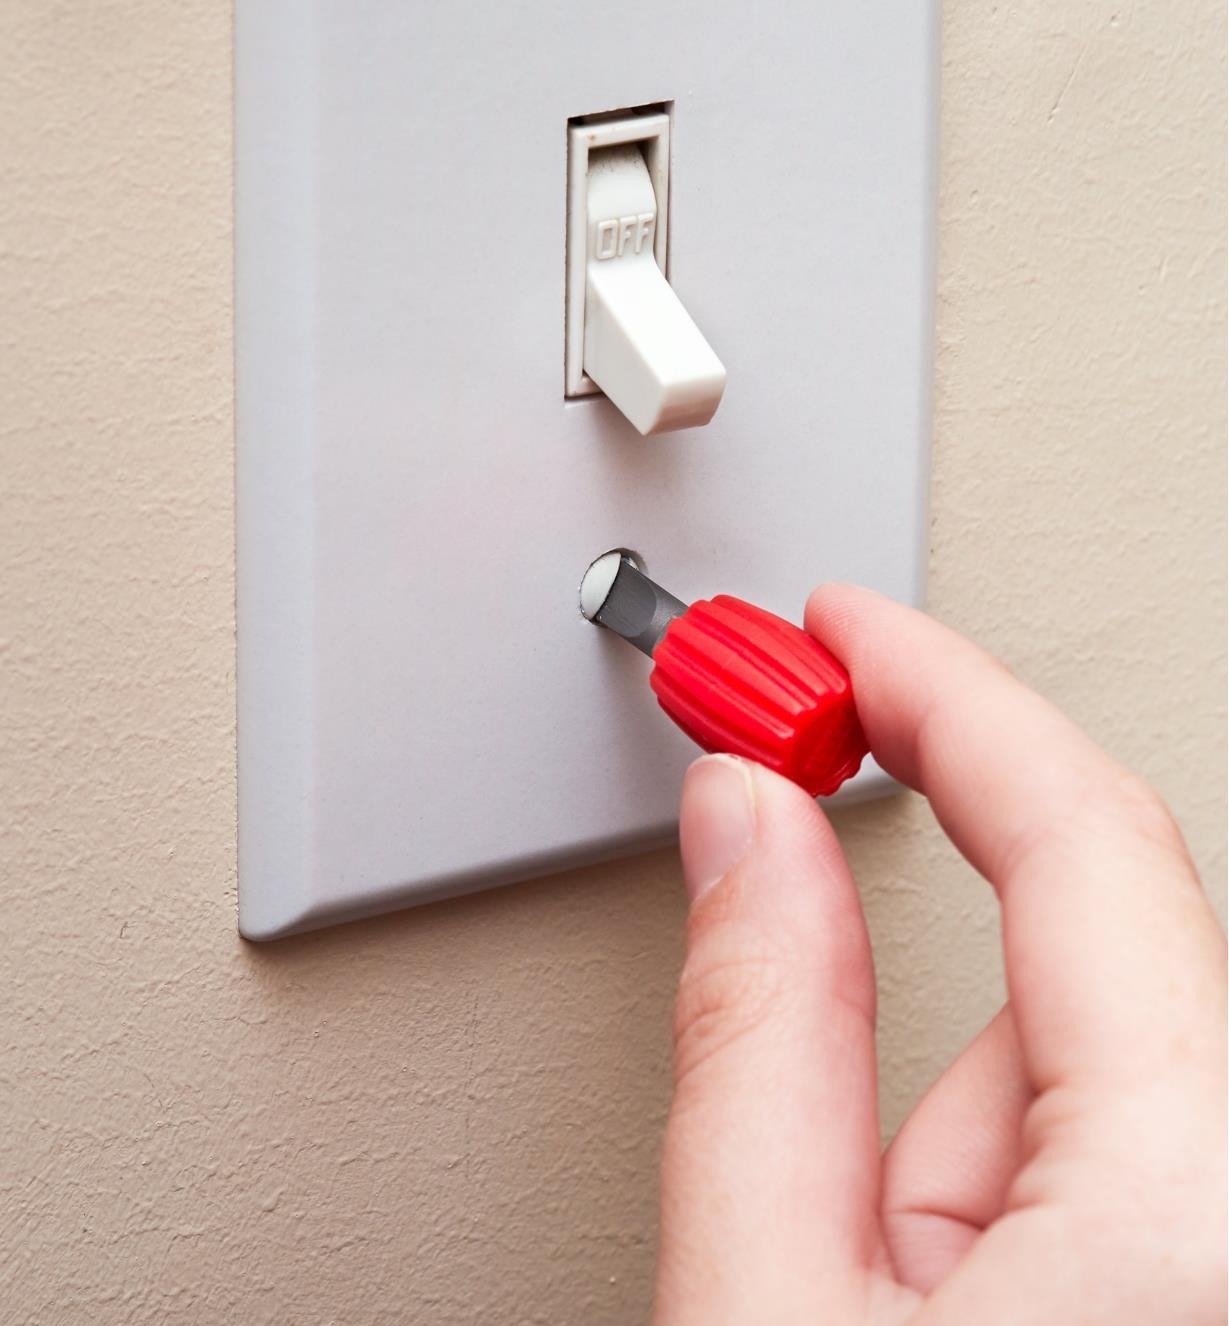 Serrage d'une vis d'une plaque d'interrupteur avec un mini porte-embout